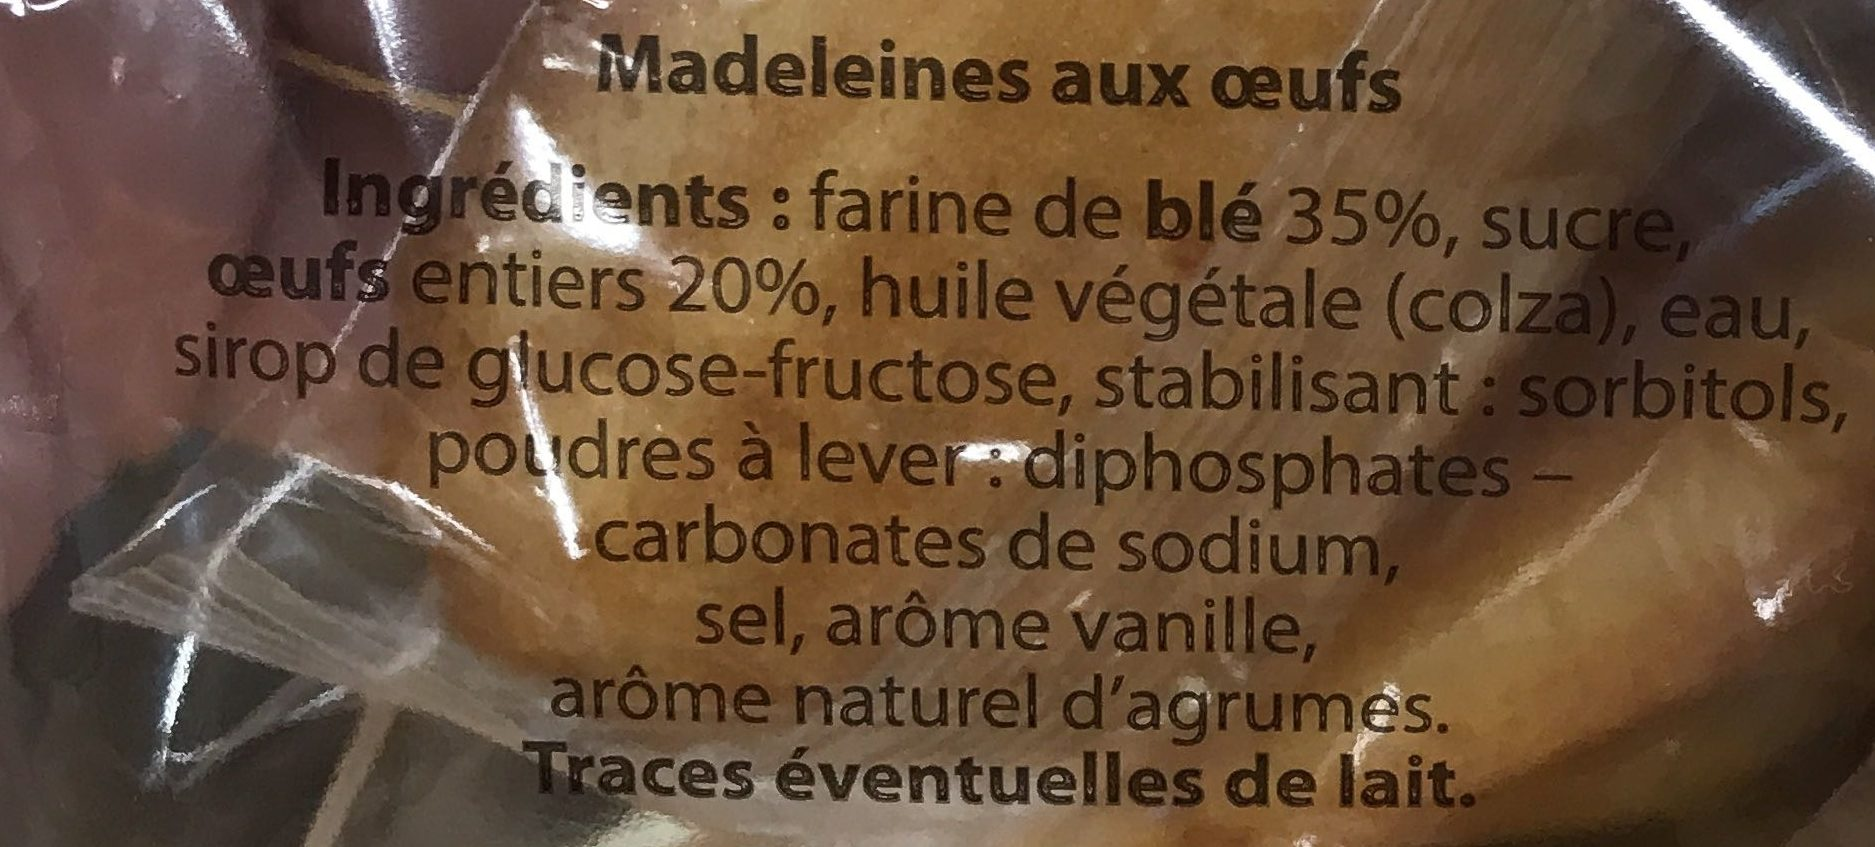 Madeleines coquille - Ingrédients